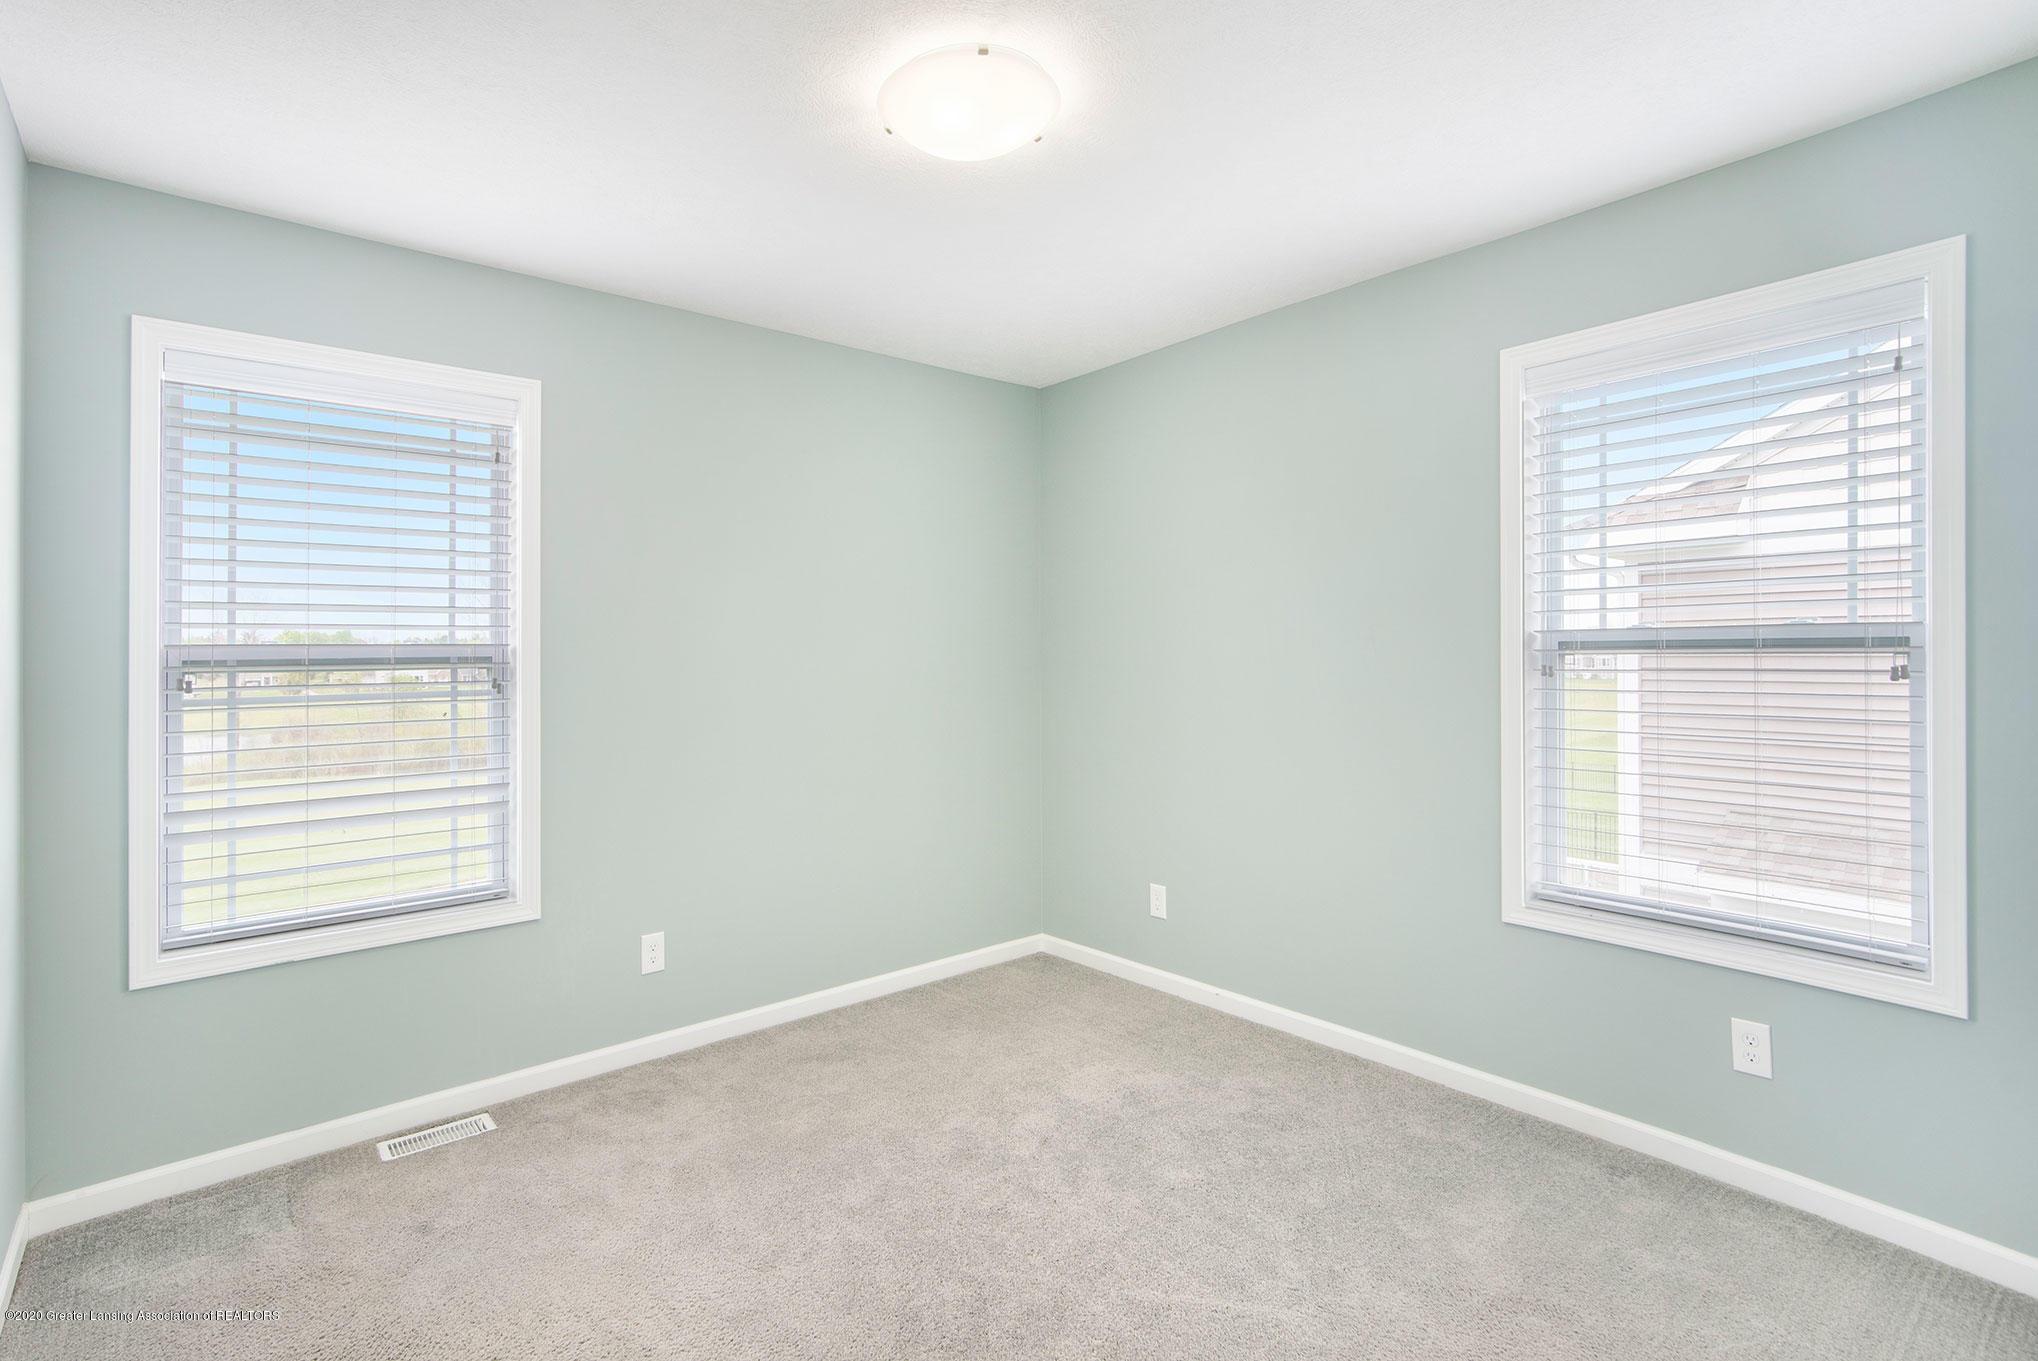 2818 Kittansett Dr - 2nd Bedroom - 44